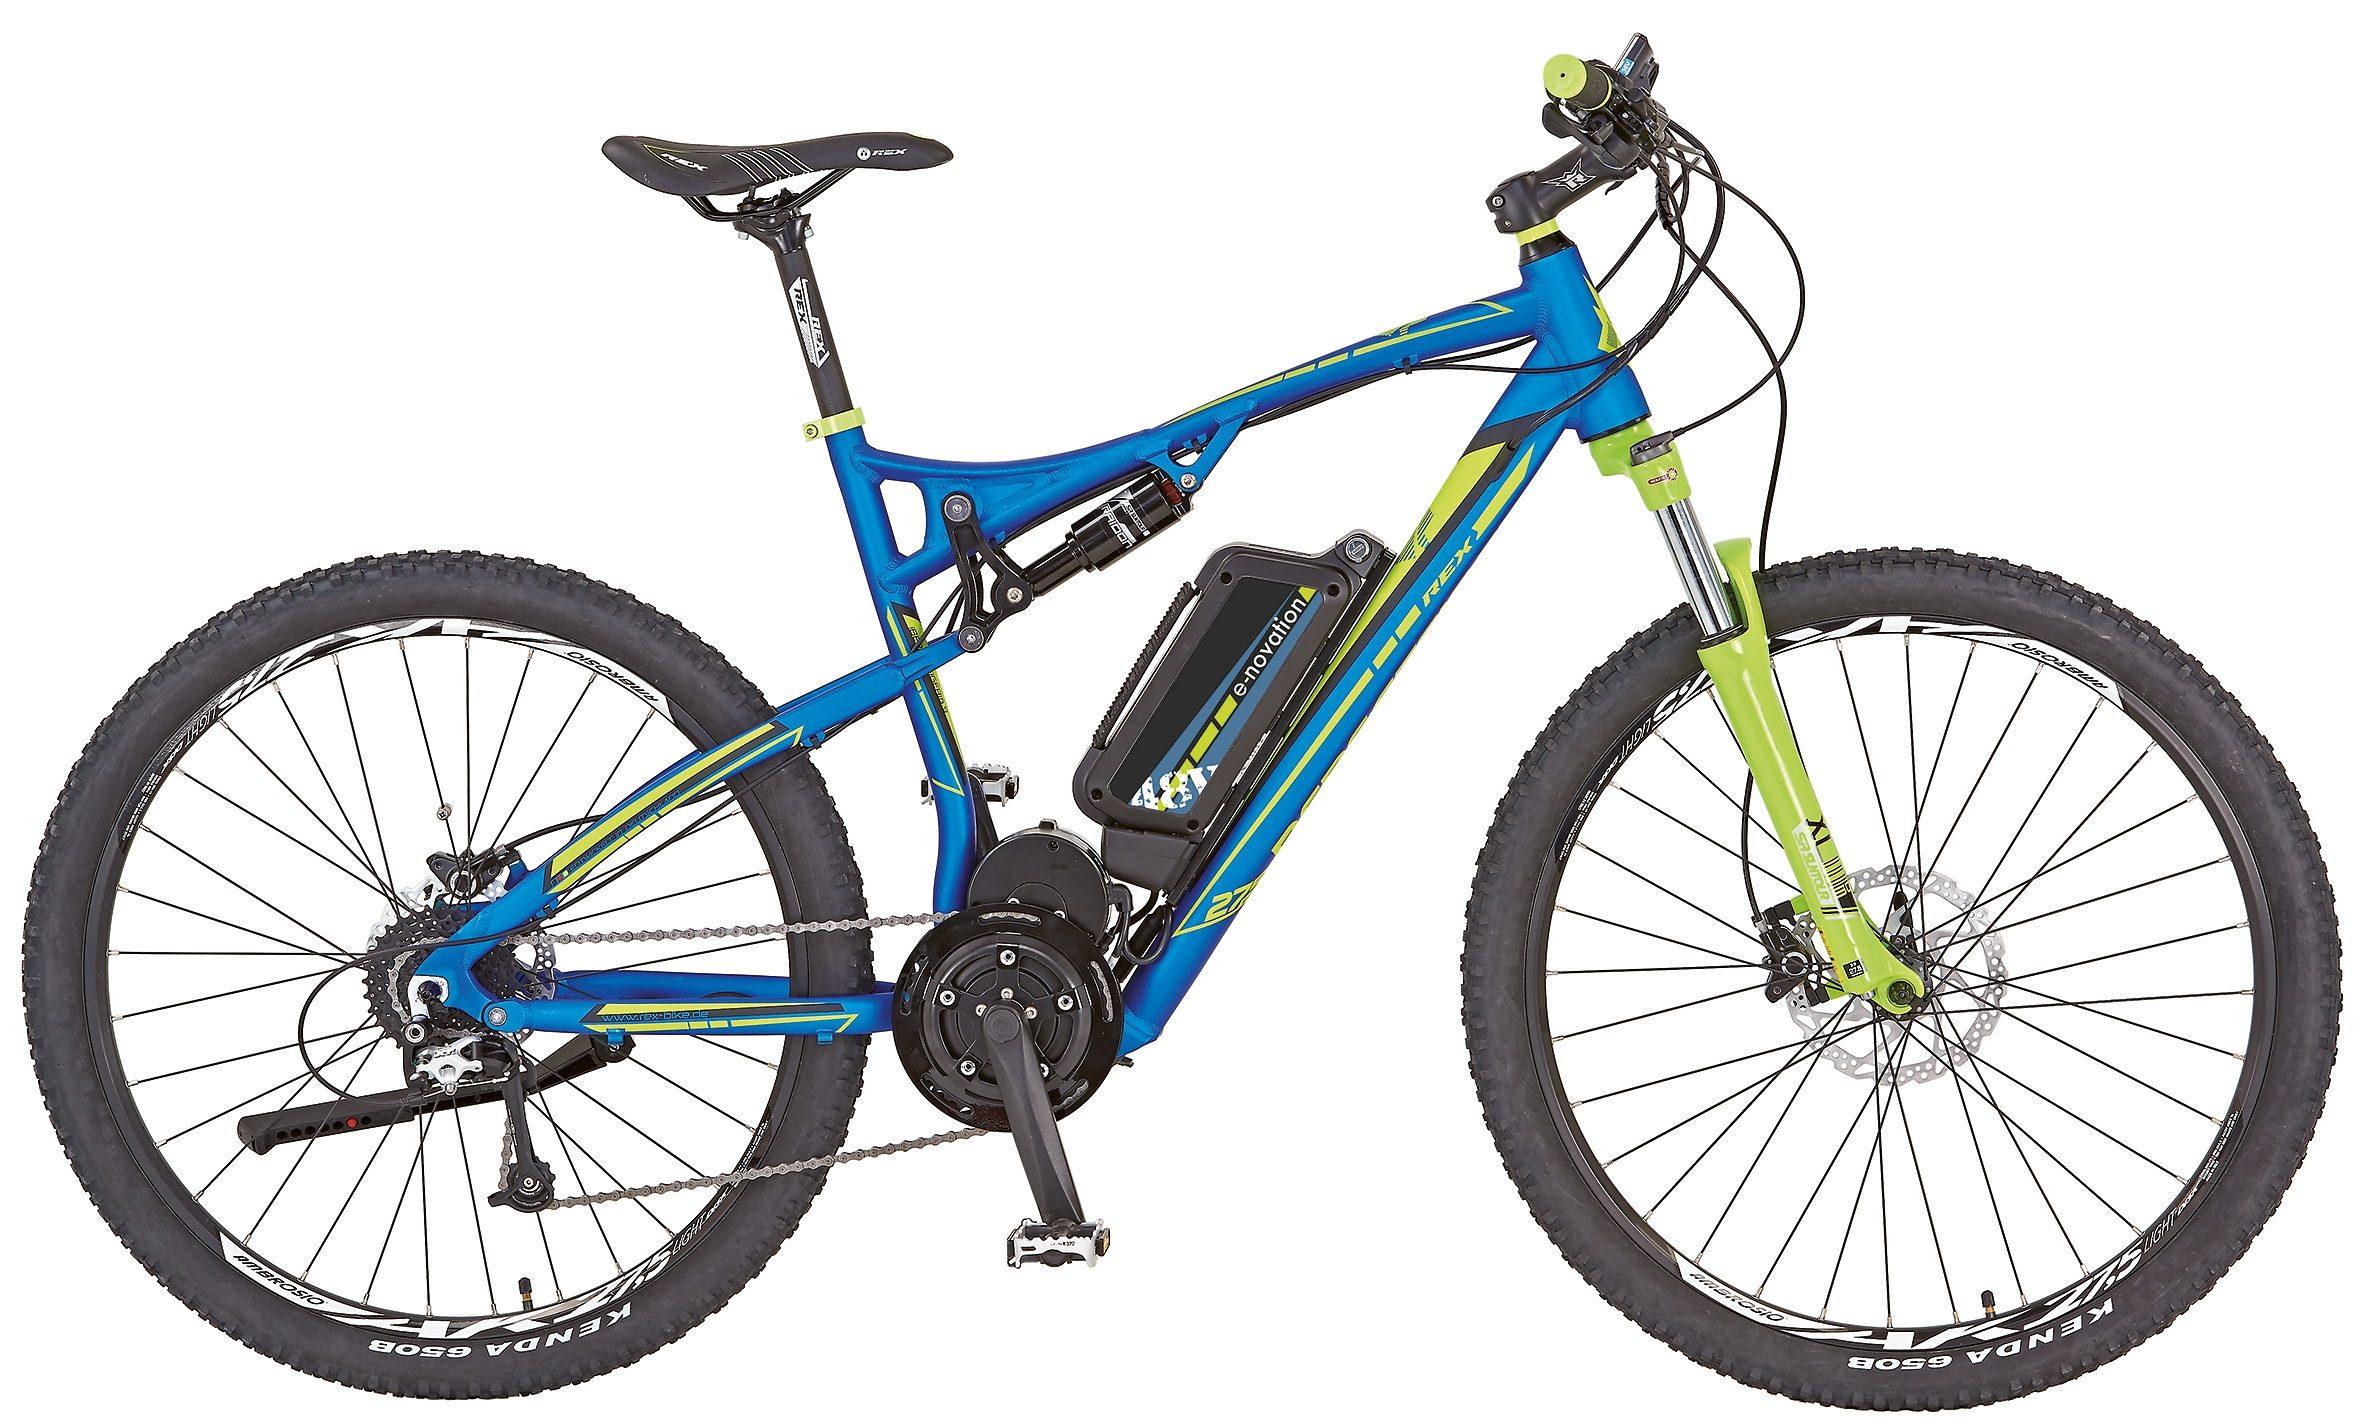 Rex Herren Fully MTB E-Bike, 27,5 Zoll, 9 Gg Shimano, Mittelmotor, »Rex Bergsteiger 6.9«